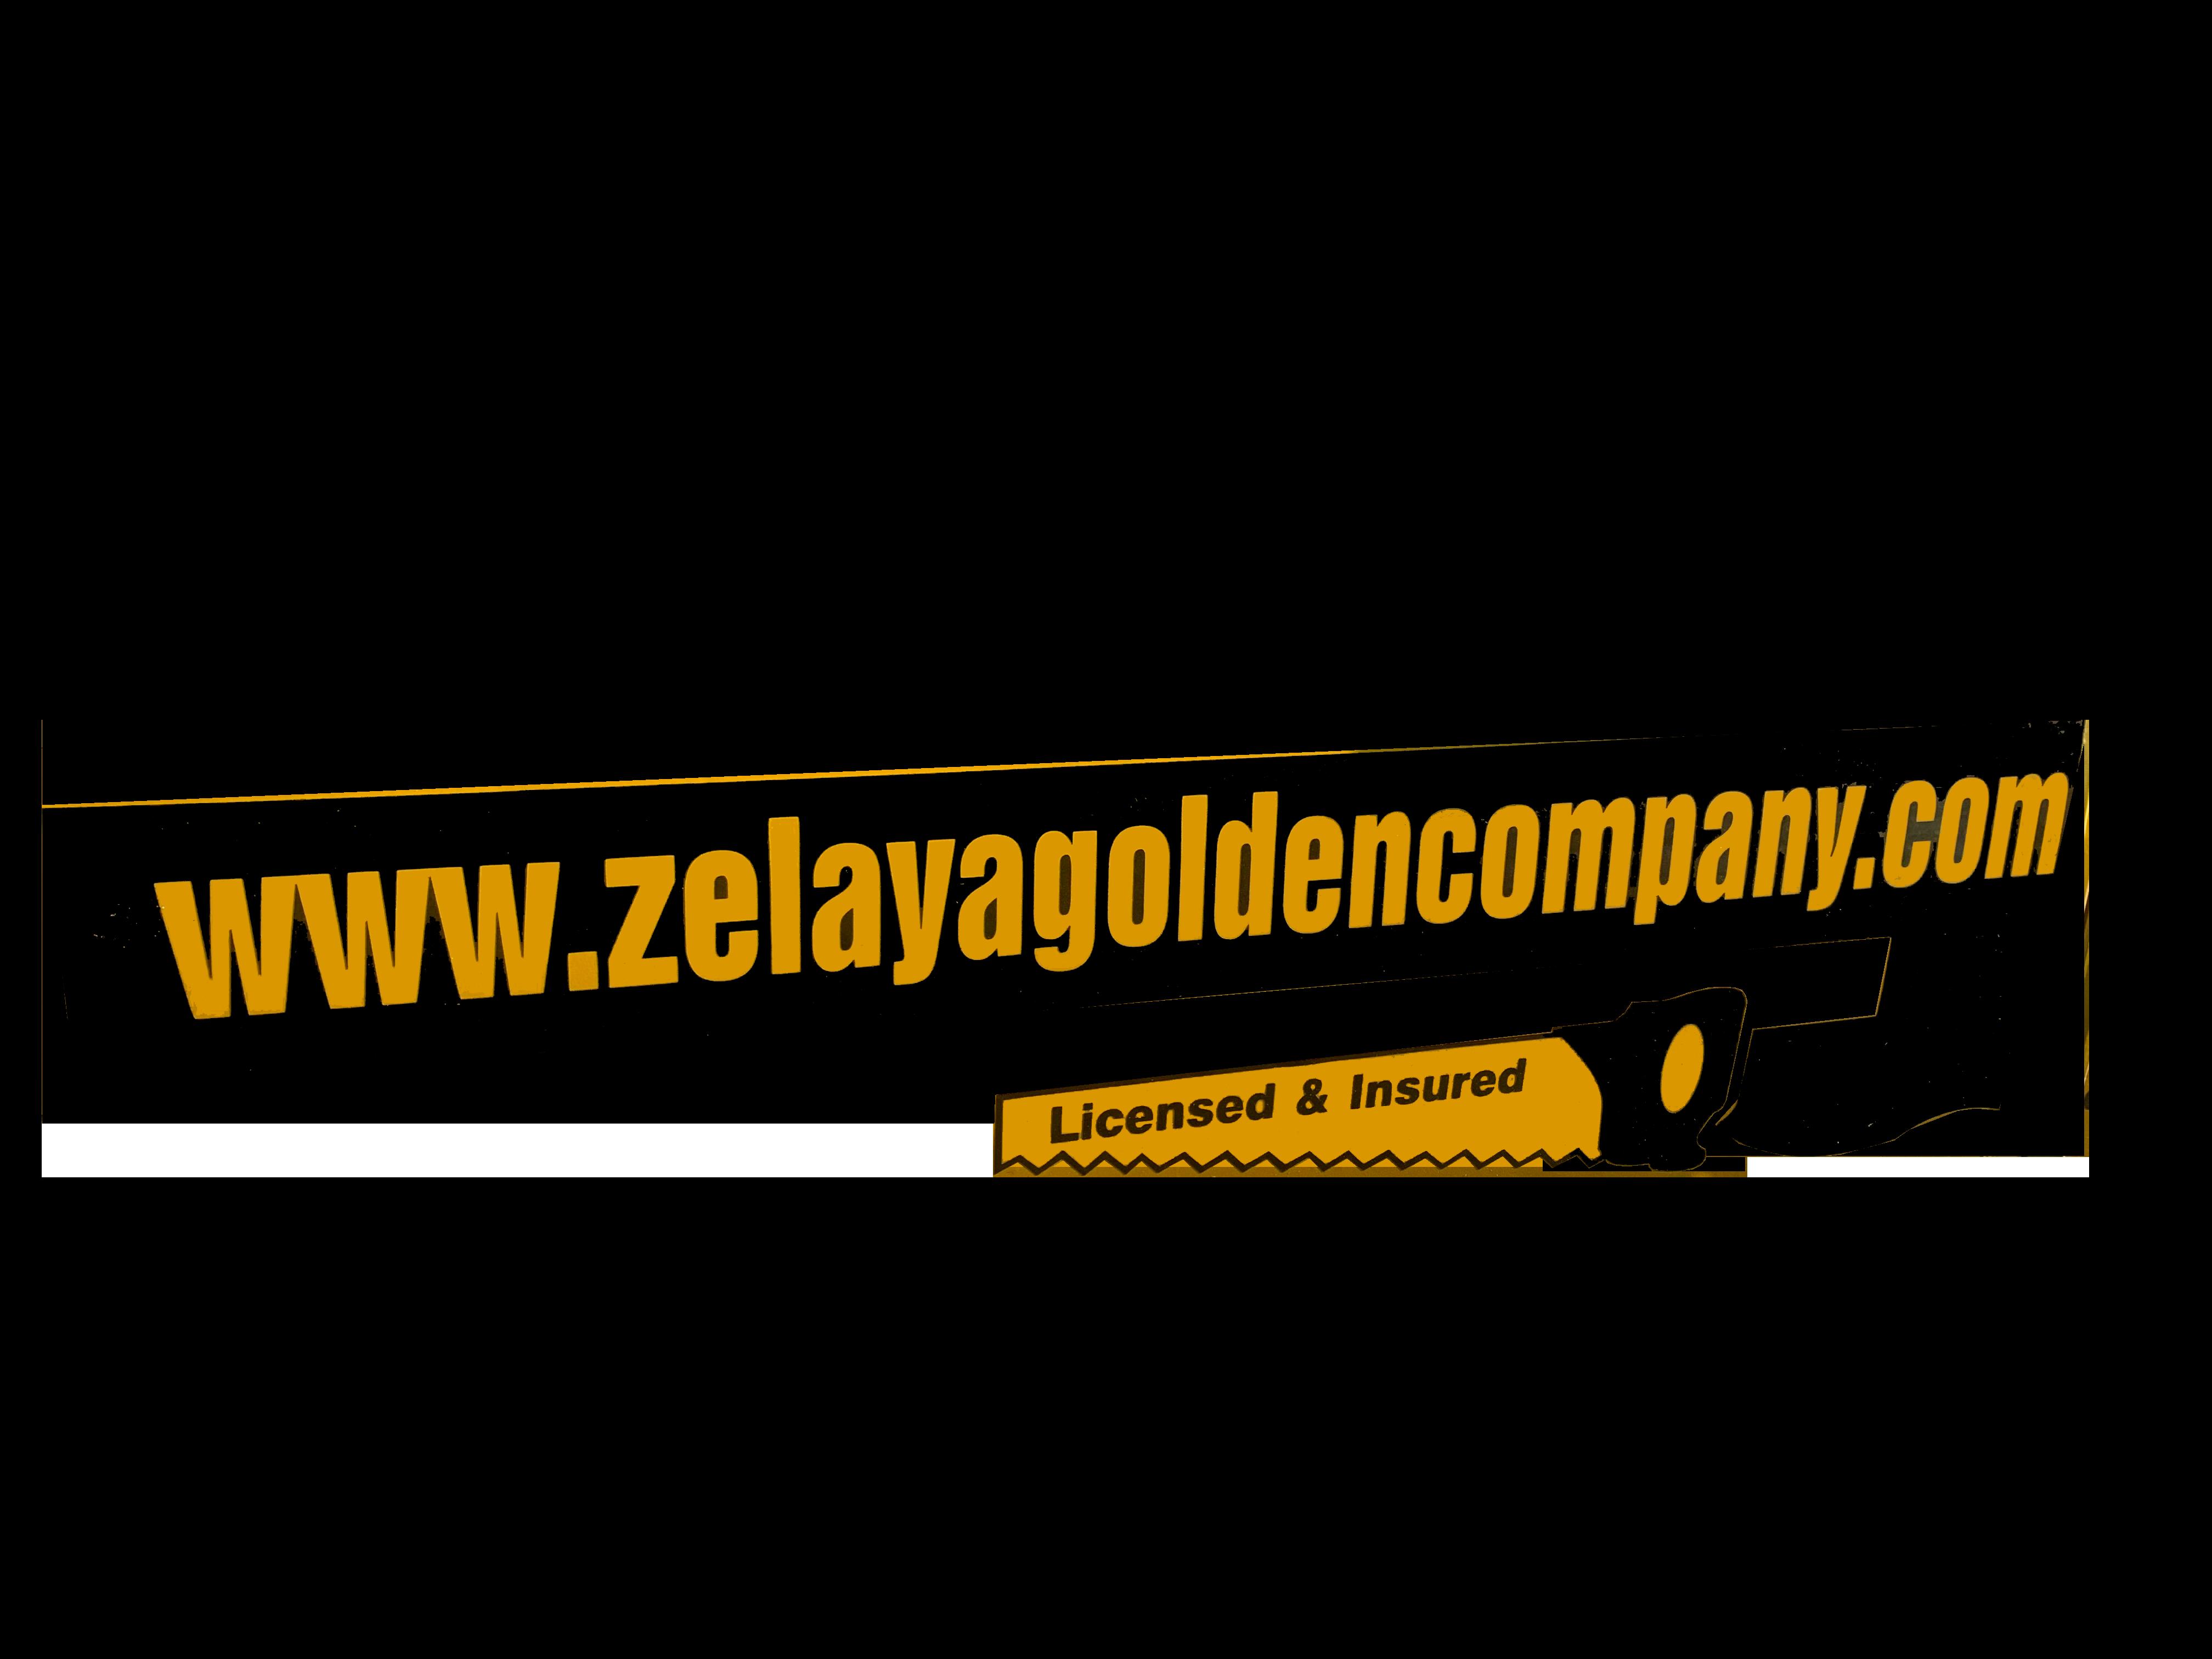 Zelaya Golden Company